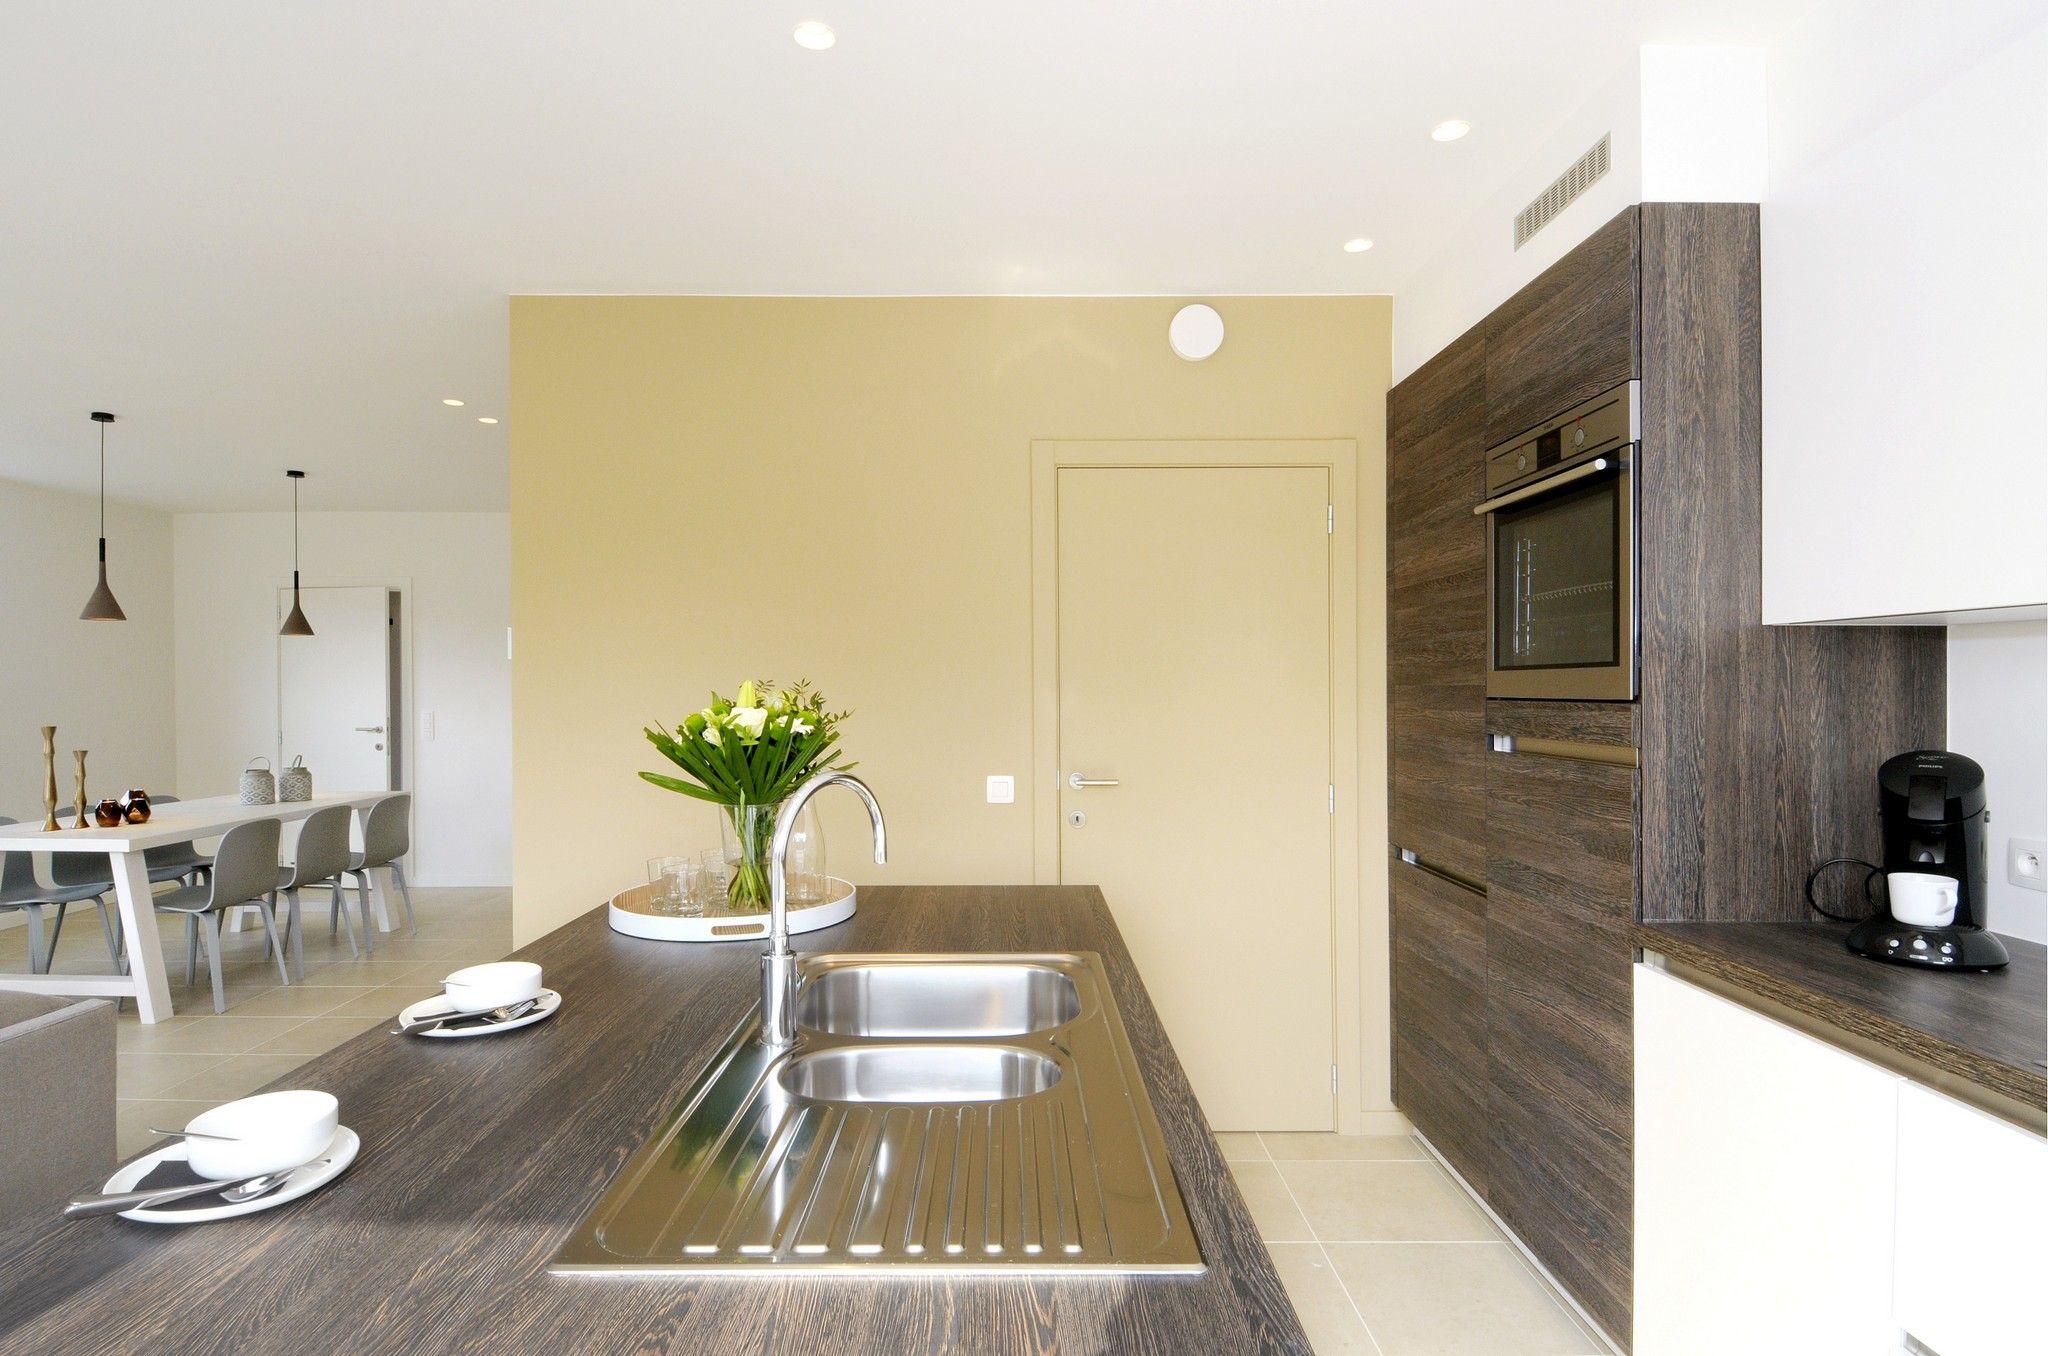 Kijkwoning kieldrecht keuken modern realisaties inspiratie